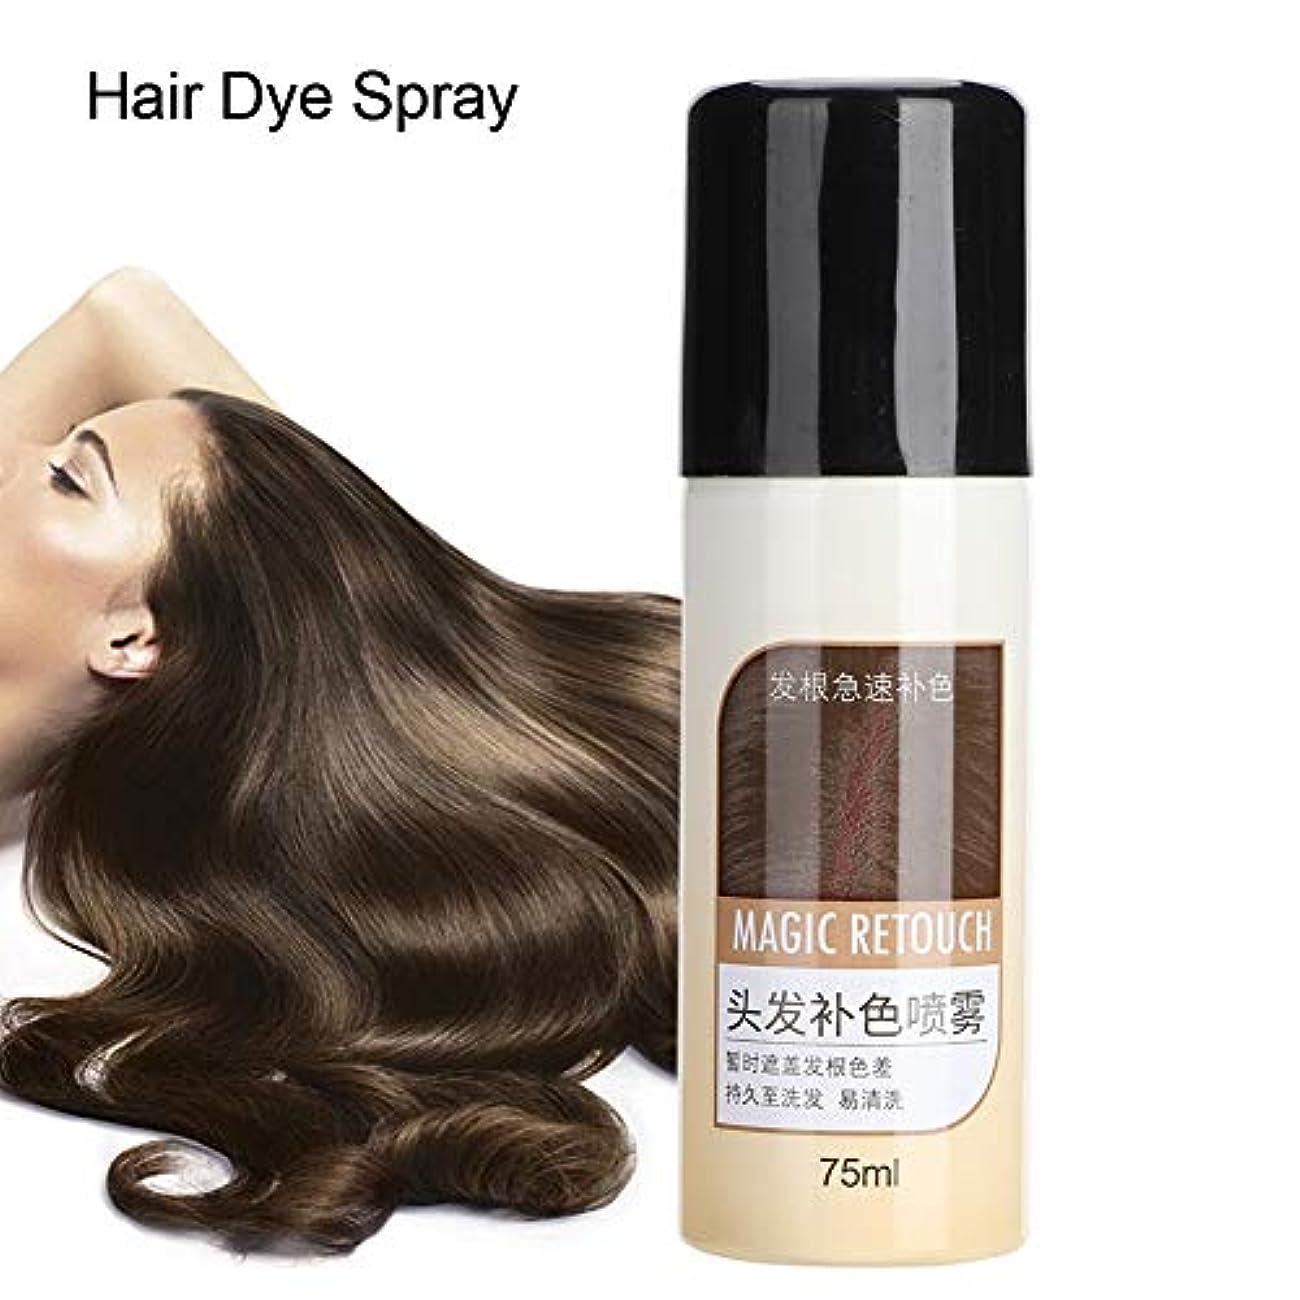 カストディアン批判する思い出すヘアダイ、べたつかないマットヘアスタイル栄養補給用洗えるスプレーカバー白髪用長続きするカラー染料750ml (#1)